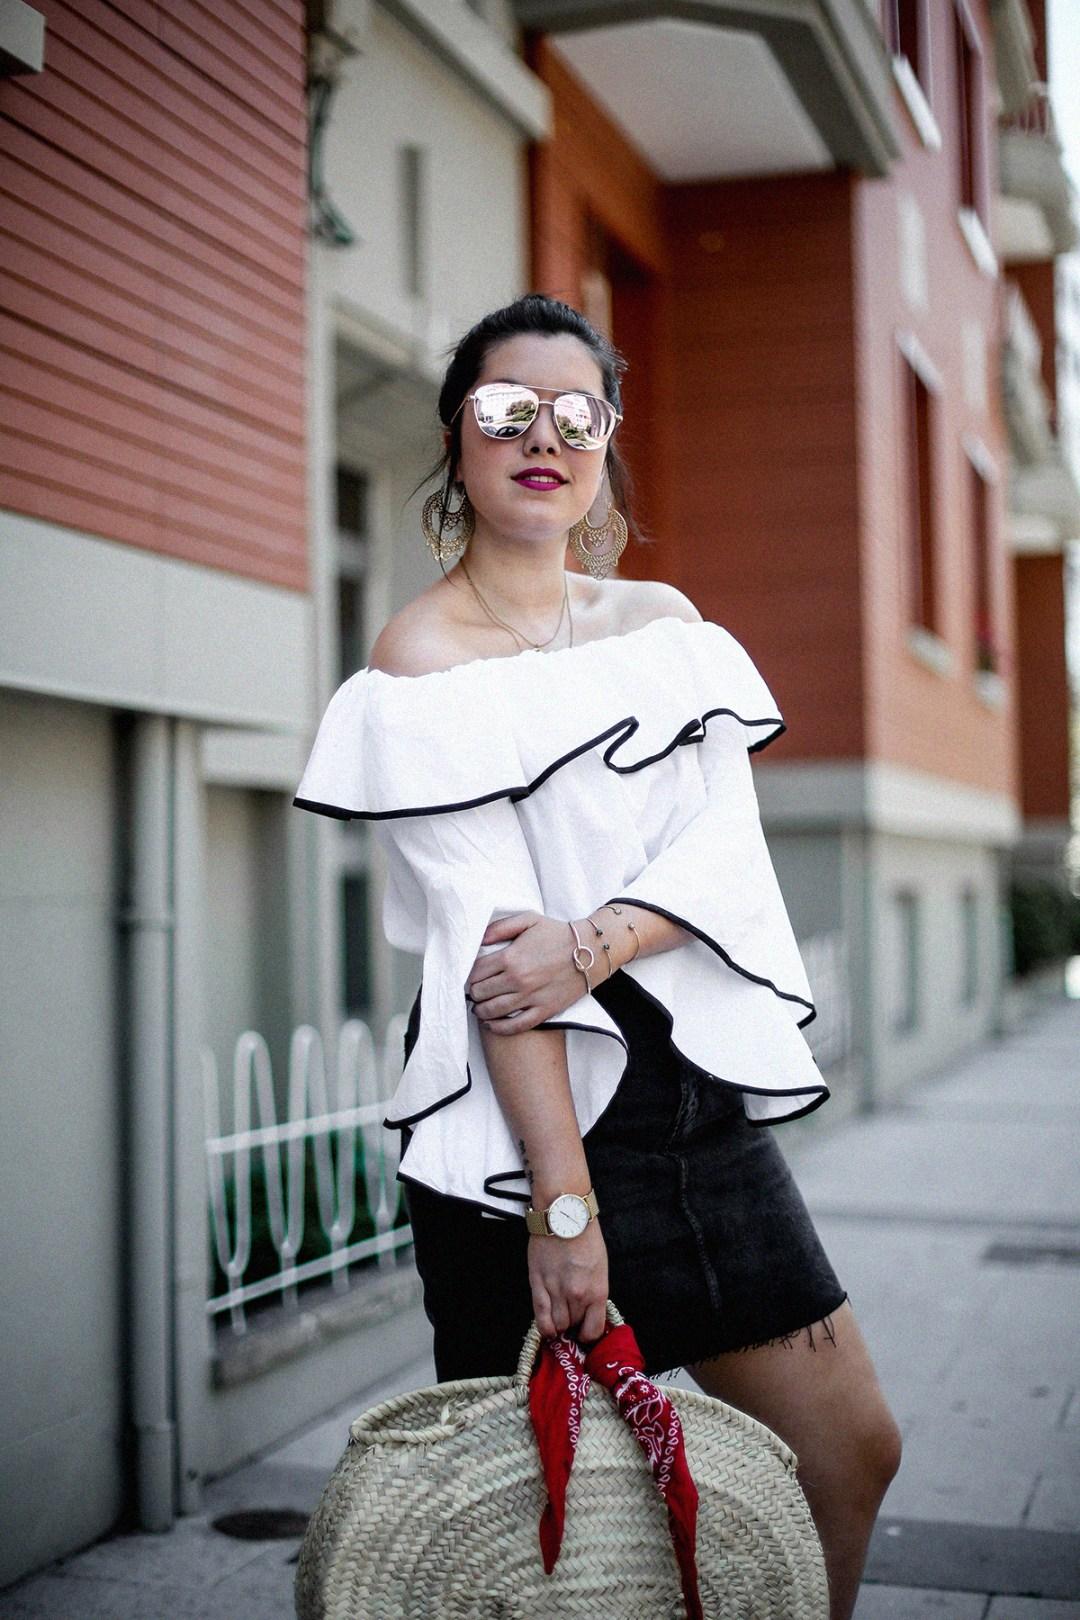 ruffle-top-off-shoulder-sunper-sunglasses-basket-bag-look10